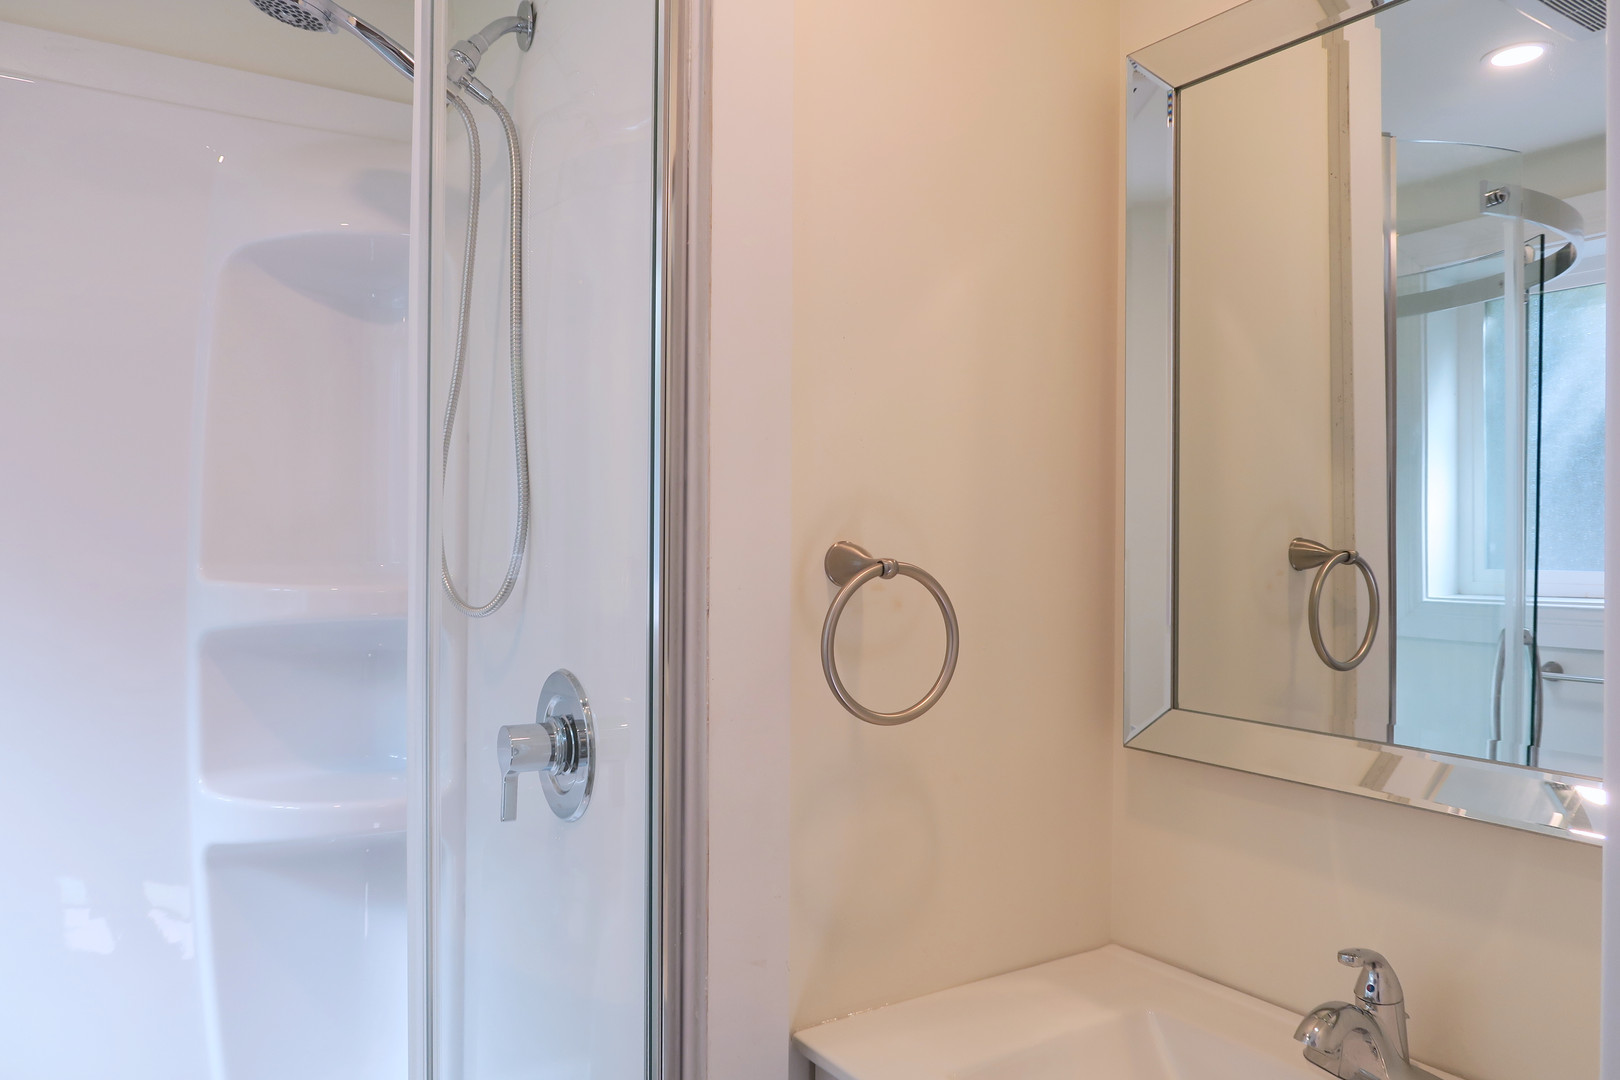 ③私人衛浴